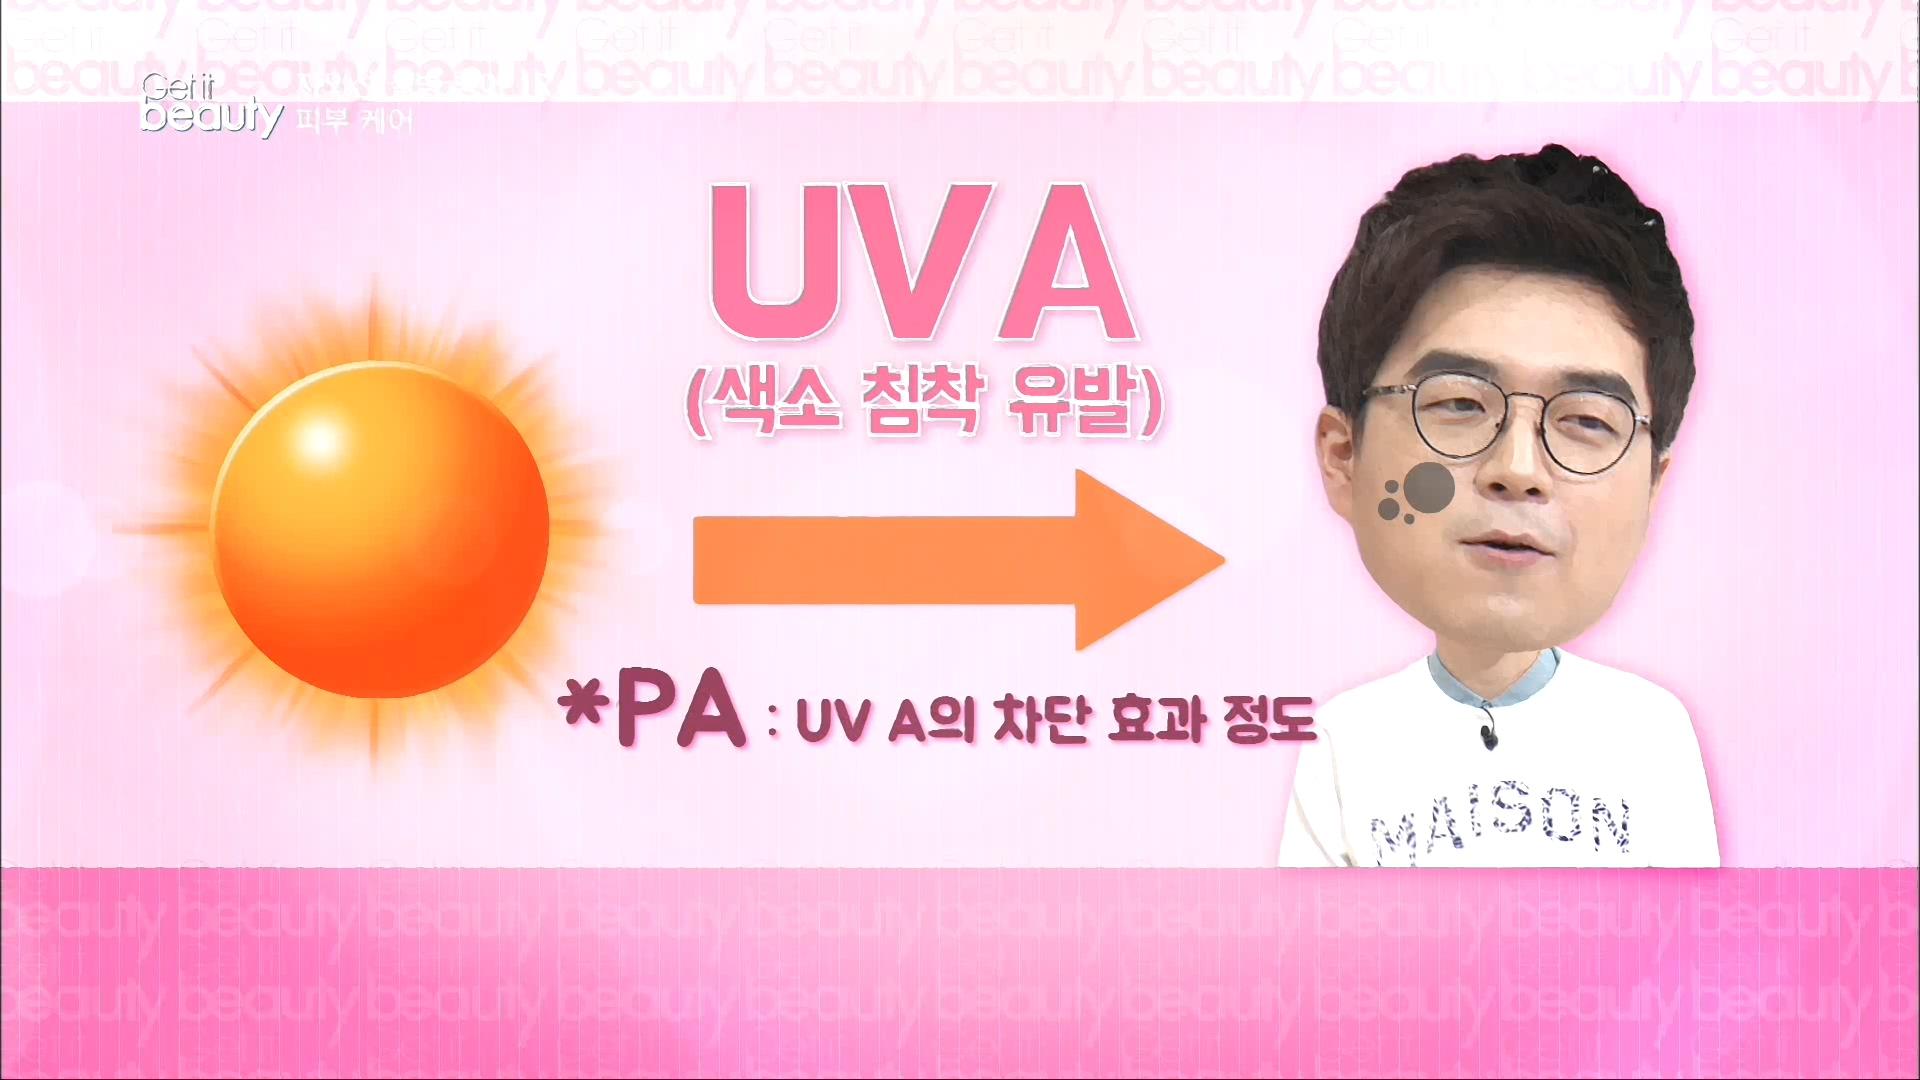 UVA는 색소 침착을 유발하고 PA는 UV A의 차단 효과 정도를 나타낸다.